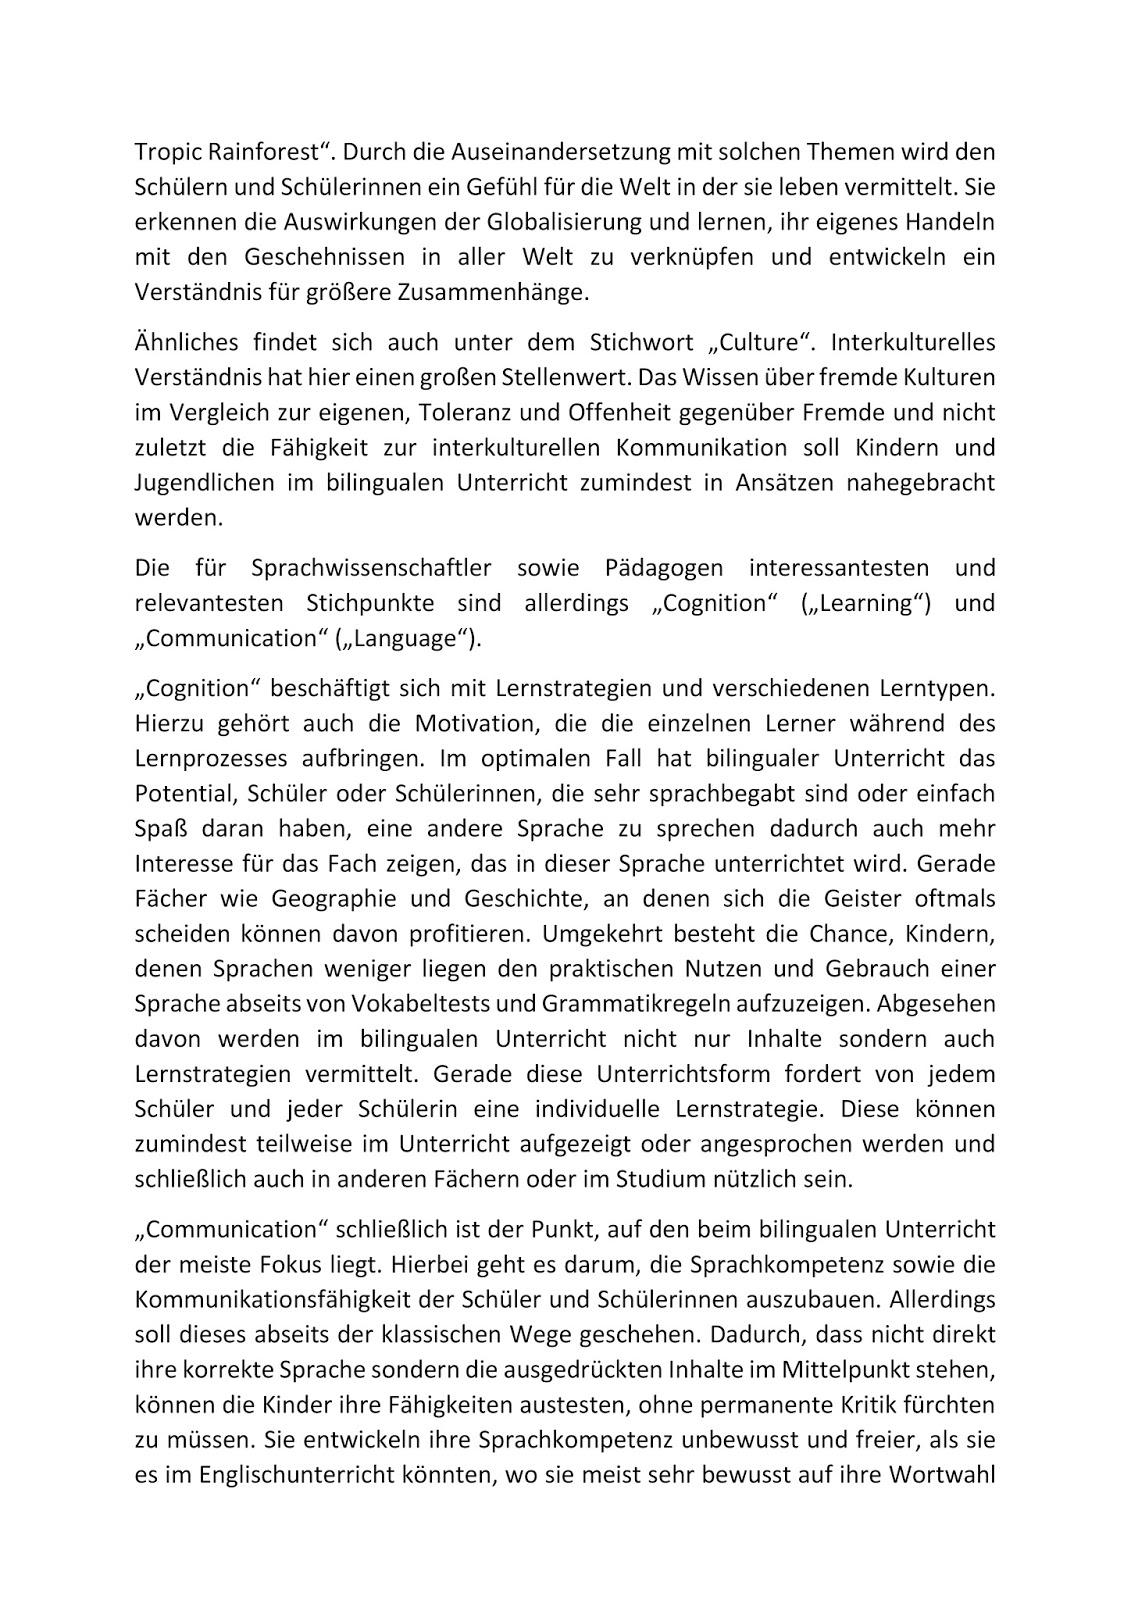 Einführung in die Fachdidaktik: Bilingualer Unterricht - Didaktische ...